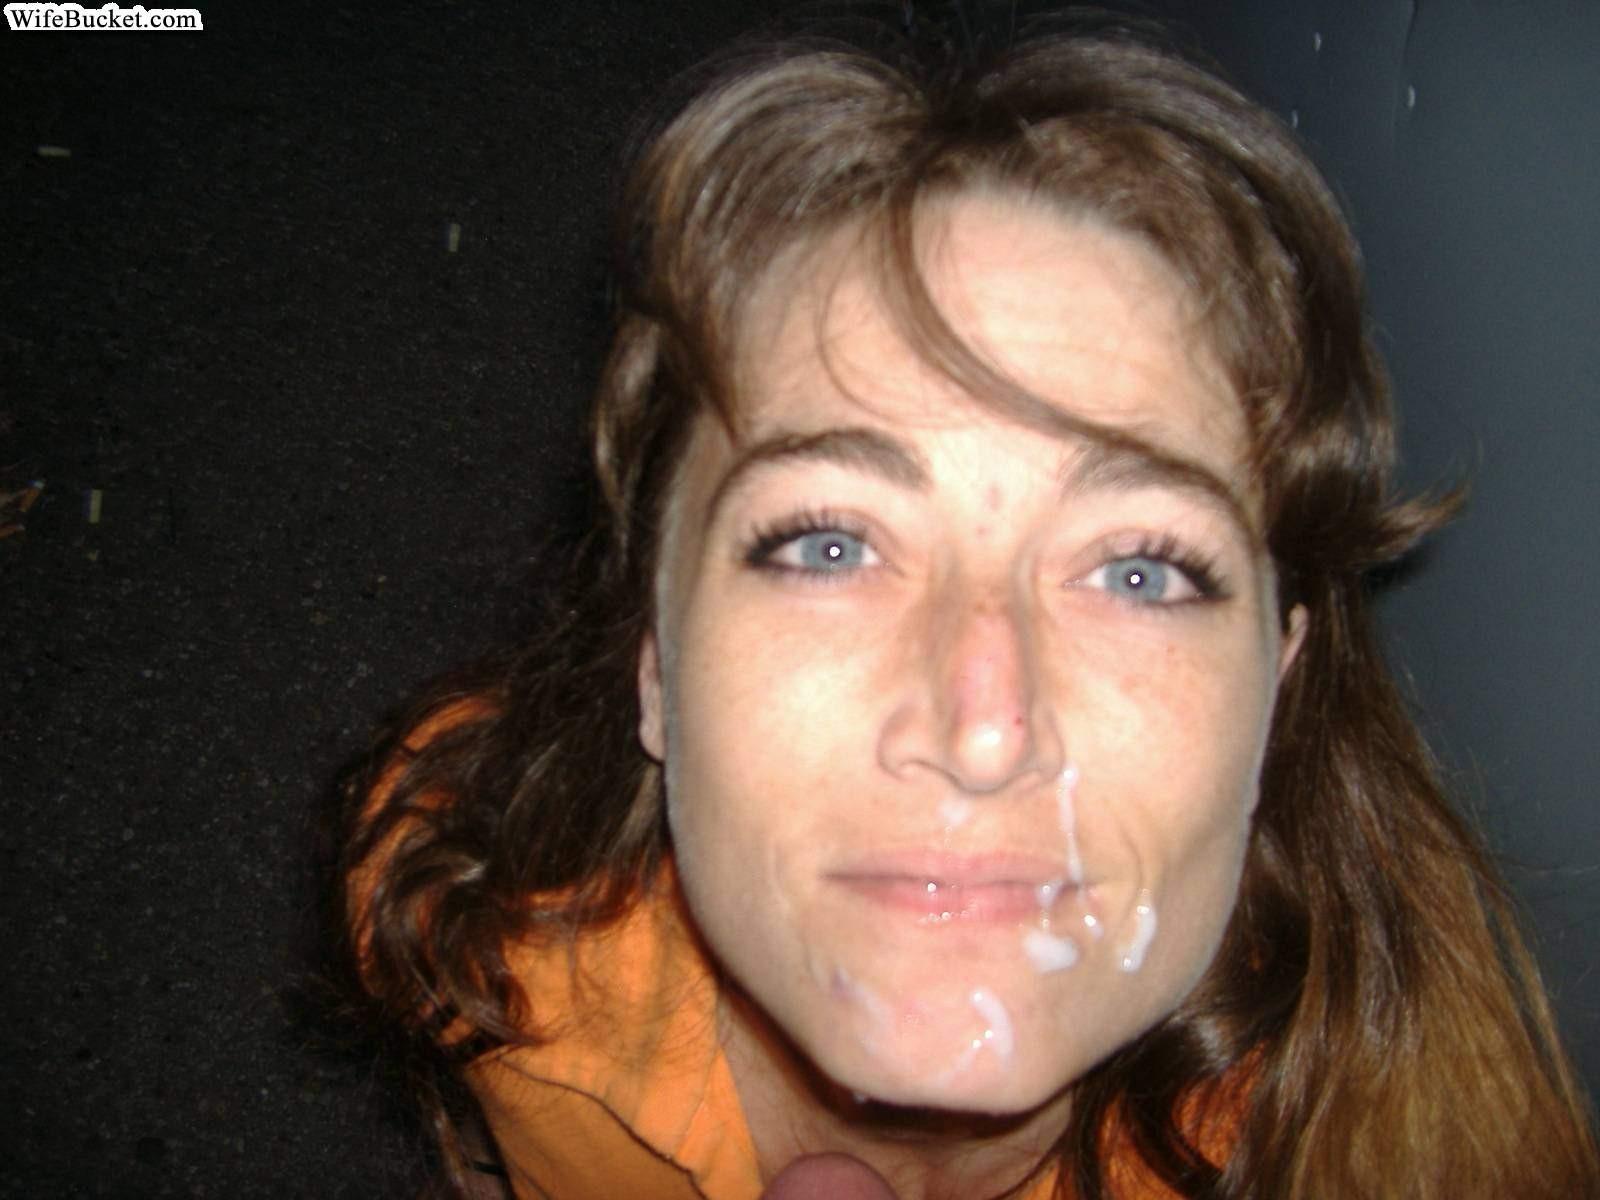 Смотреть частное фото спермы на лице — pic 15